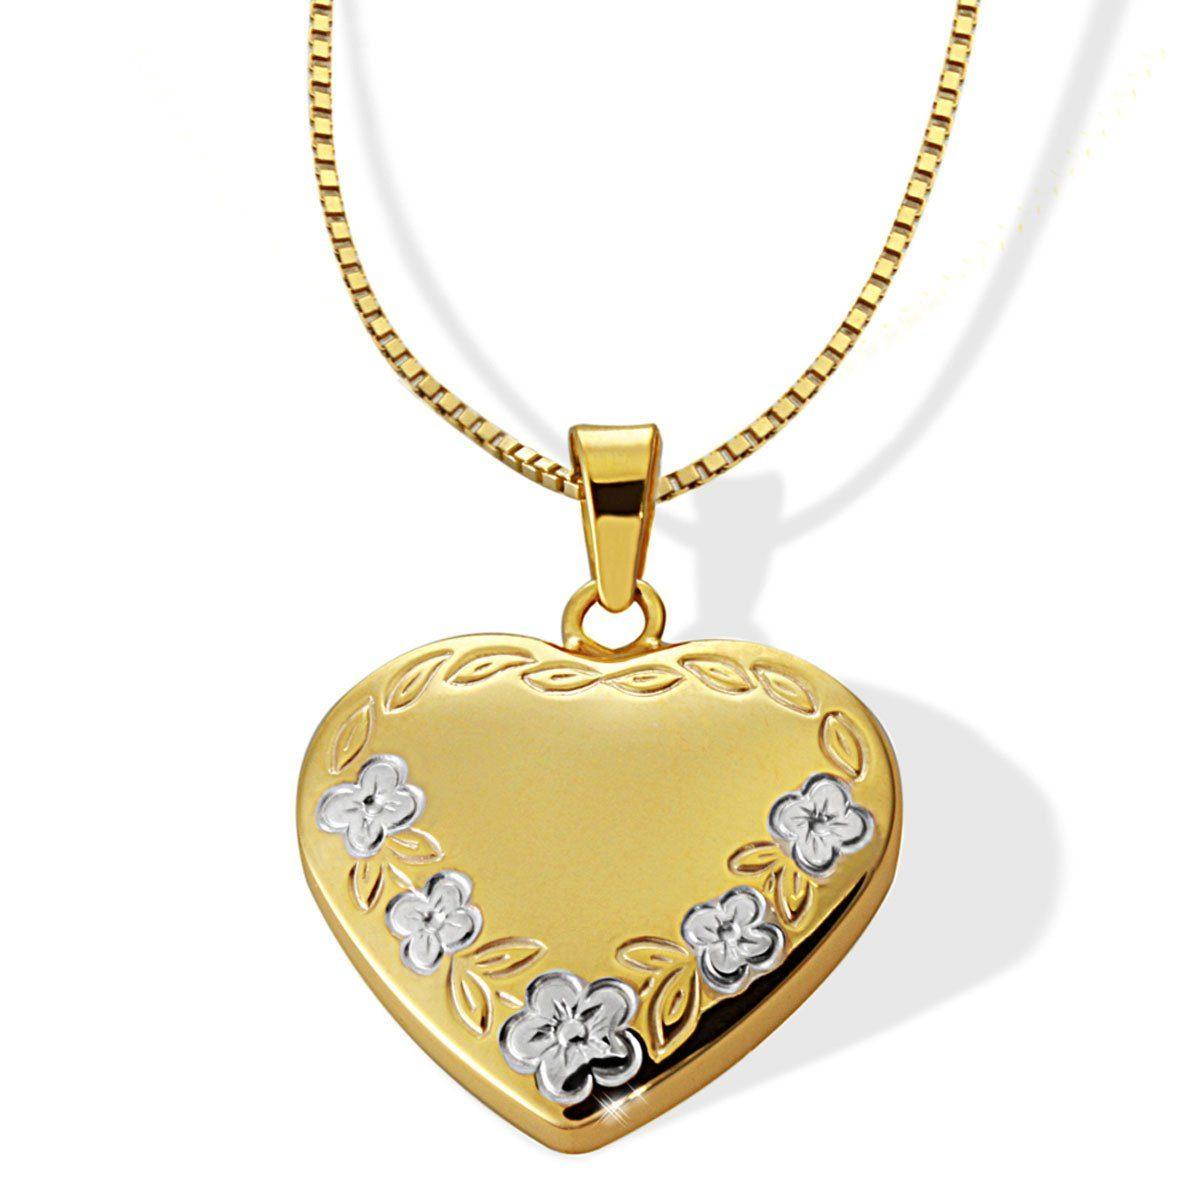 goldmaid Collier Herz mit Blumen 375/- Gelbgold